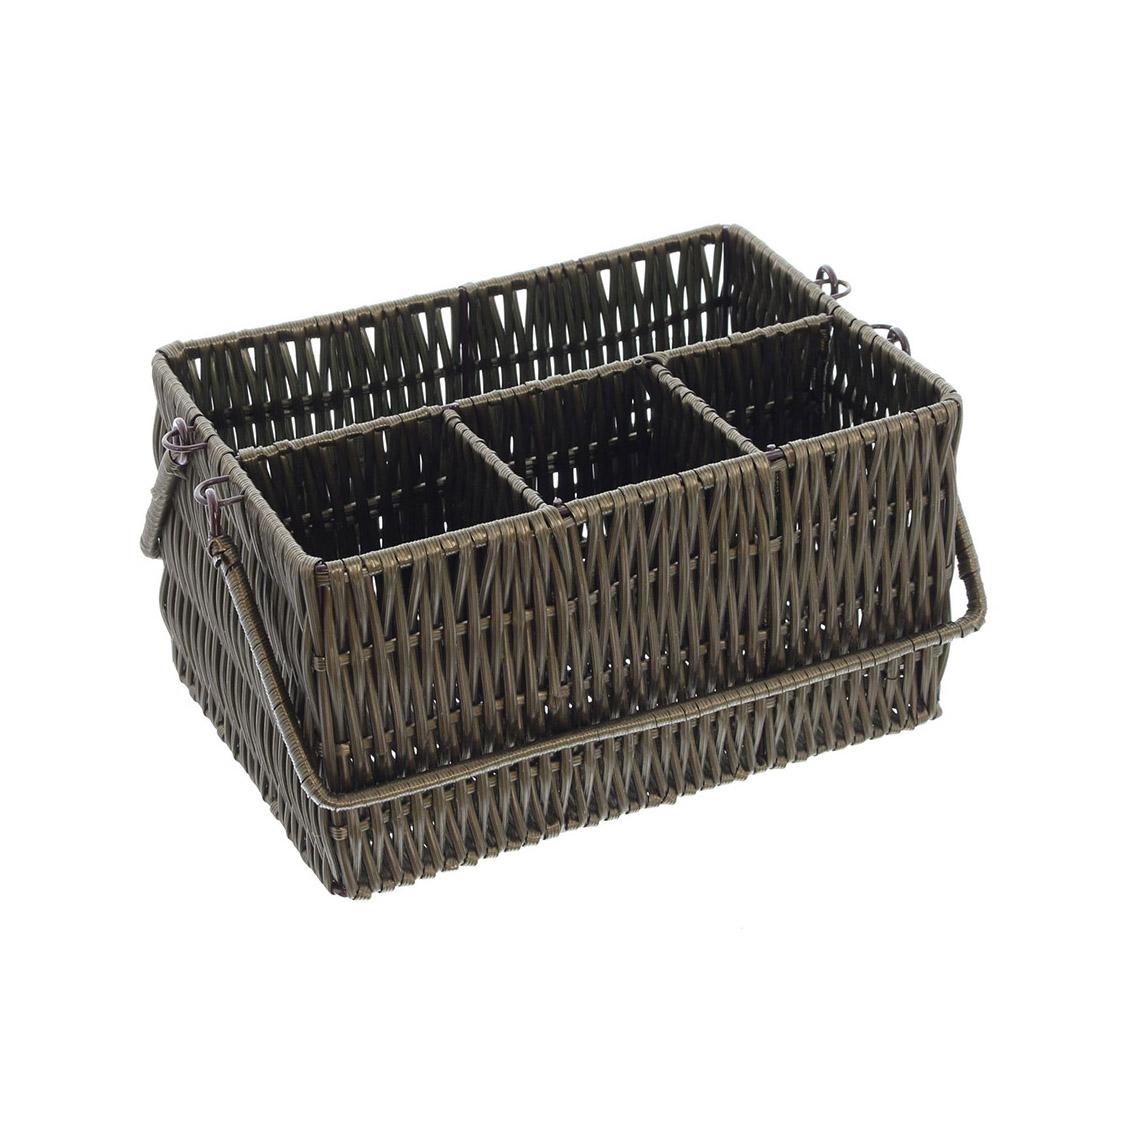 Подставка-корзинка для столовых приборов 'Натур' (02753)